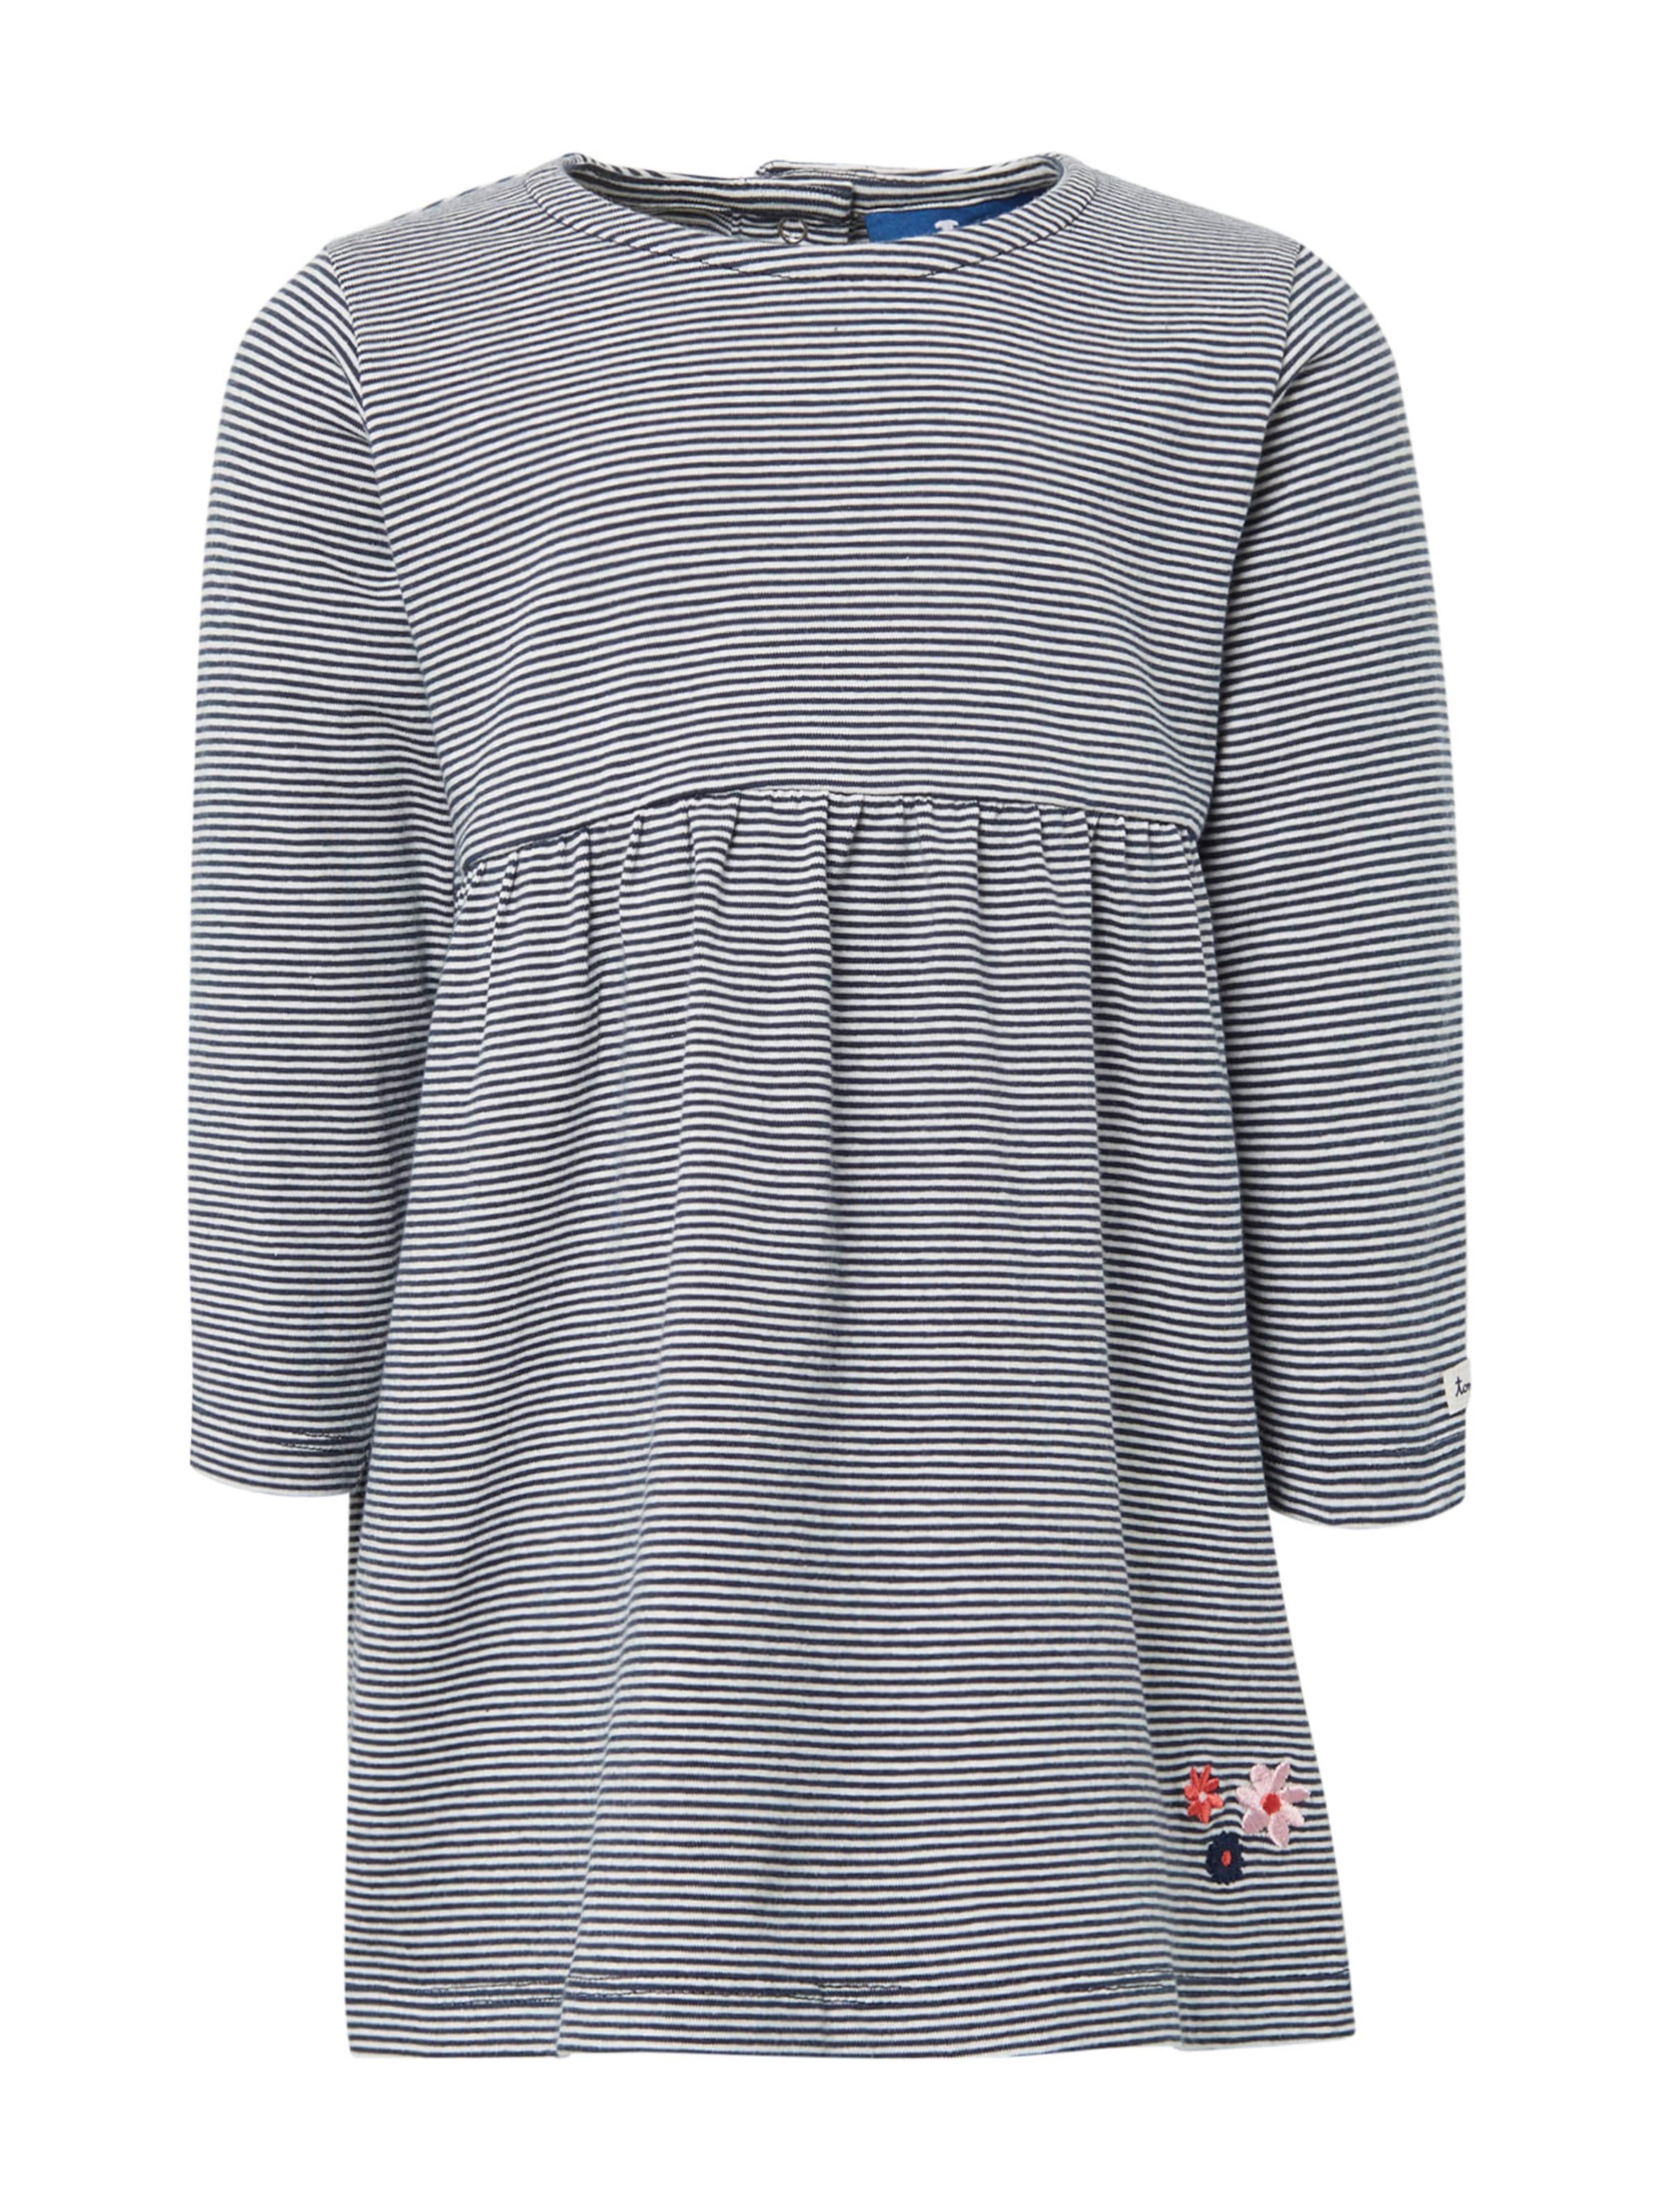 Kinder,  Mädchen,  Kinder TOM TAILOR Kleid blau,  weiß, schwarz | 04060463695966